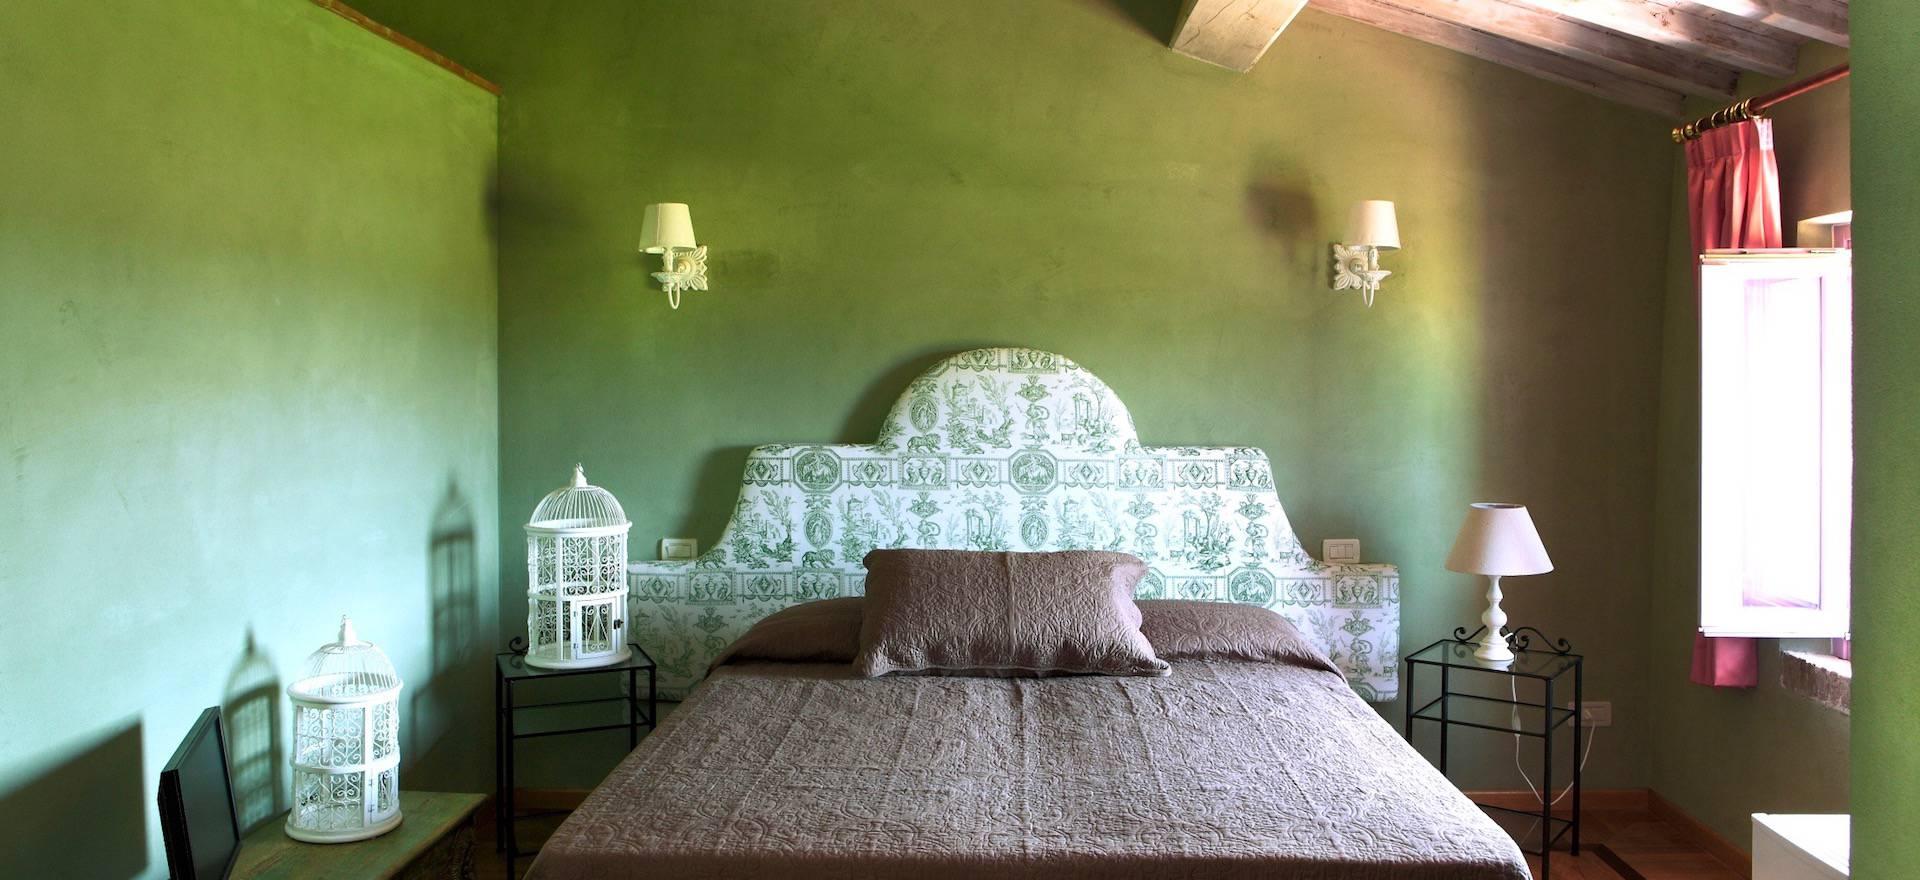 Zeer sfeervolle kamers in een agriturismo in Toscane